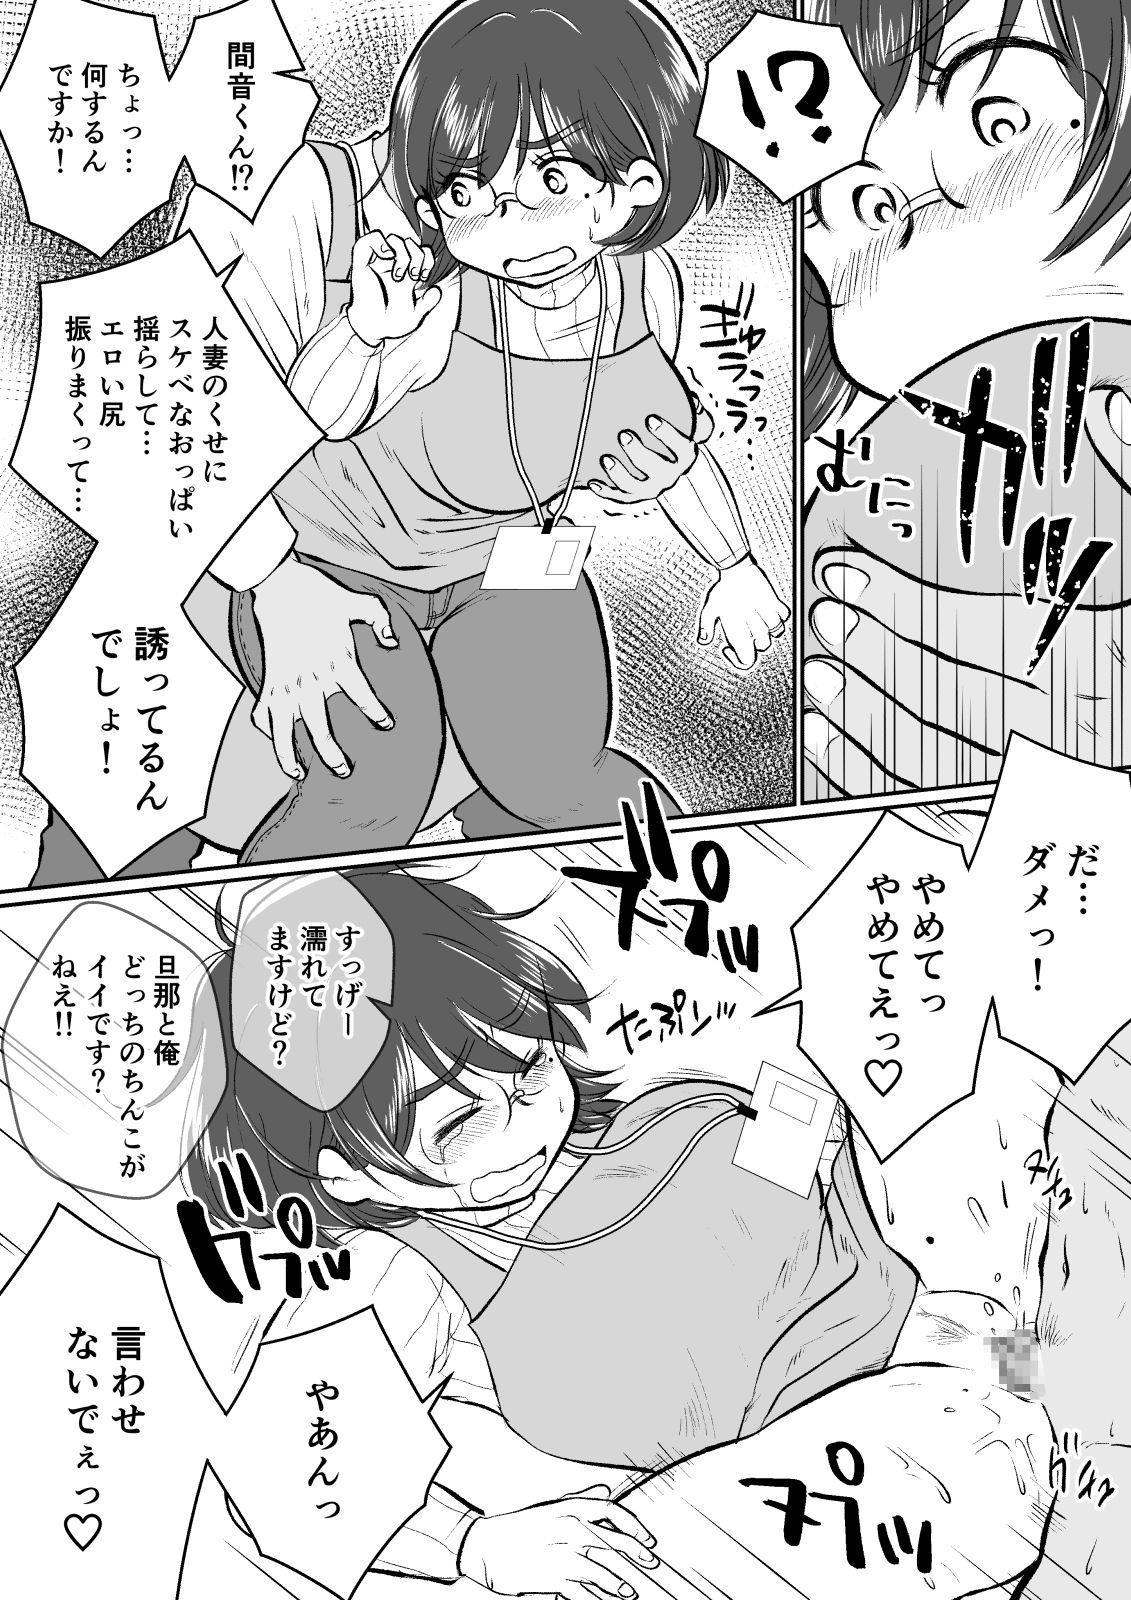 [Megitsune Works] Wakazuma-san wa Yokkyuu Fuman! Akogare no Shisho no Wakazuma-san ga Gakusei Beit no Boku no Fudeoroshi o Shite kuremashita. 14